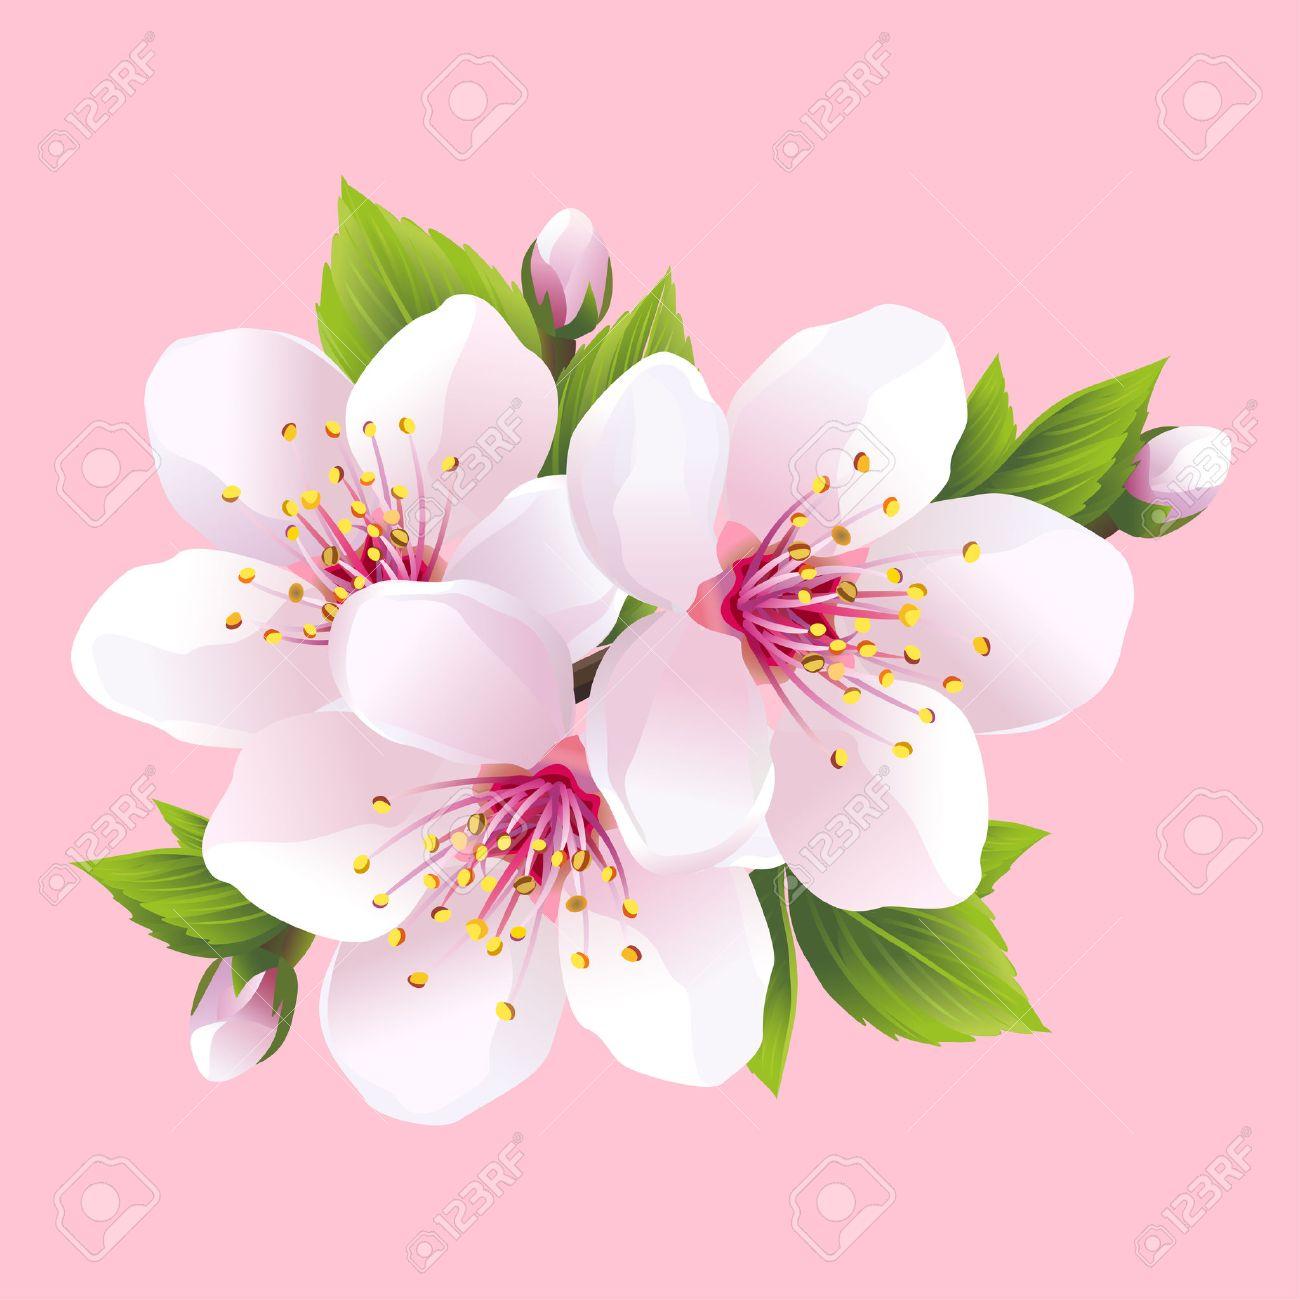 direction generale de la floraison blanche sakura cerisier japonais belle fleur rose cerise isole sur fond rose elegant papier peint printemps